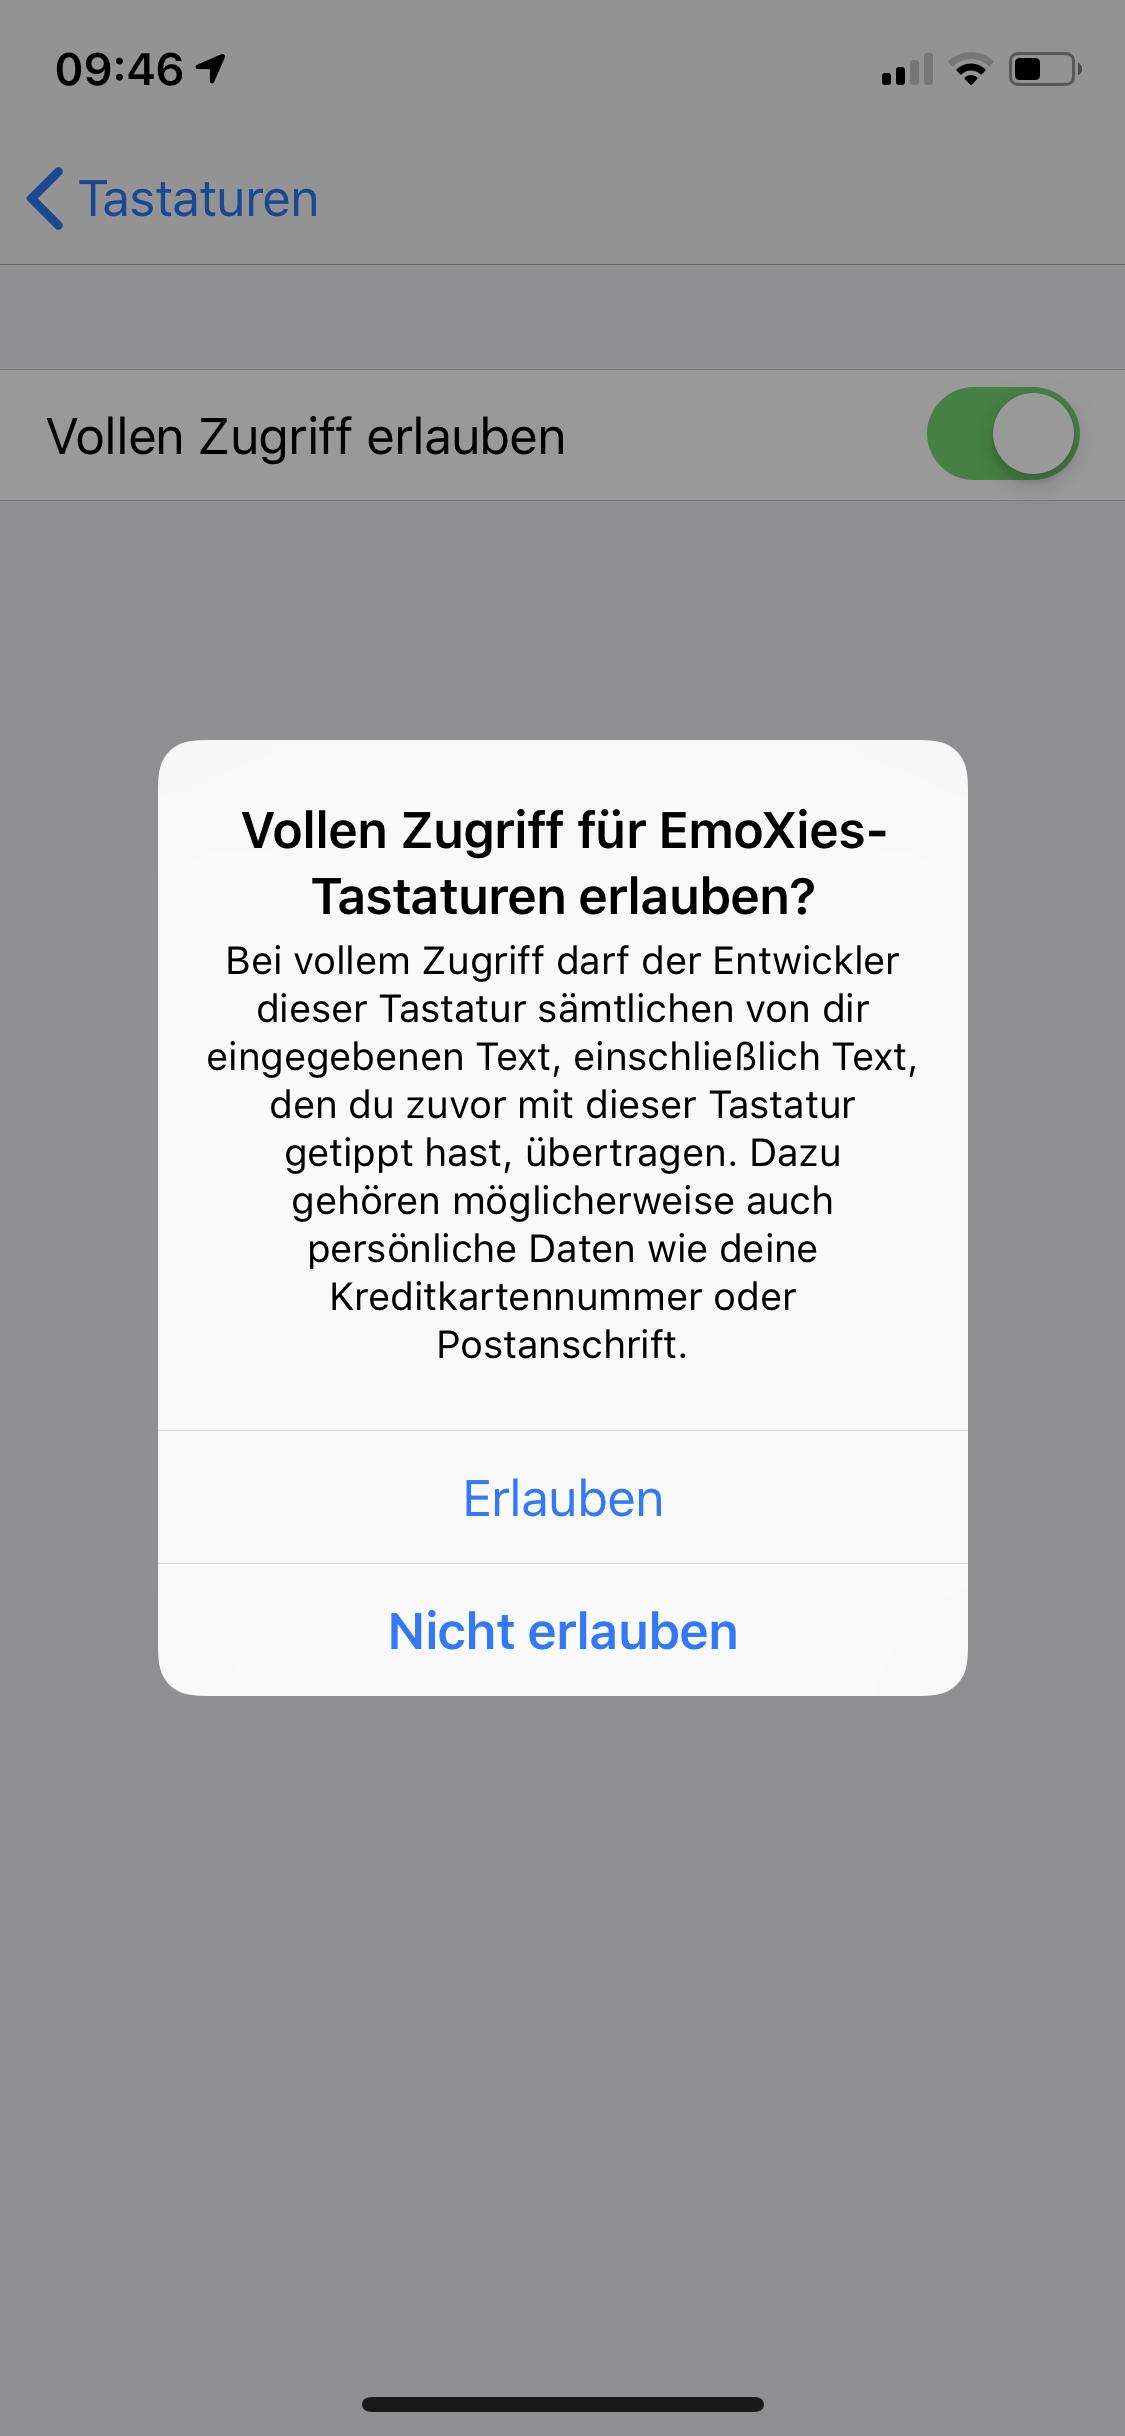 App vollen Zugriff erlauben